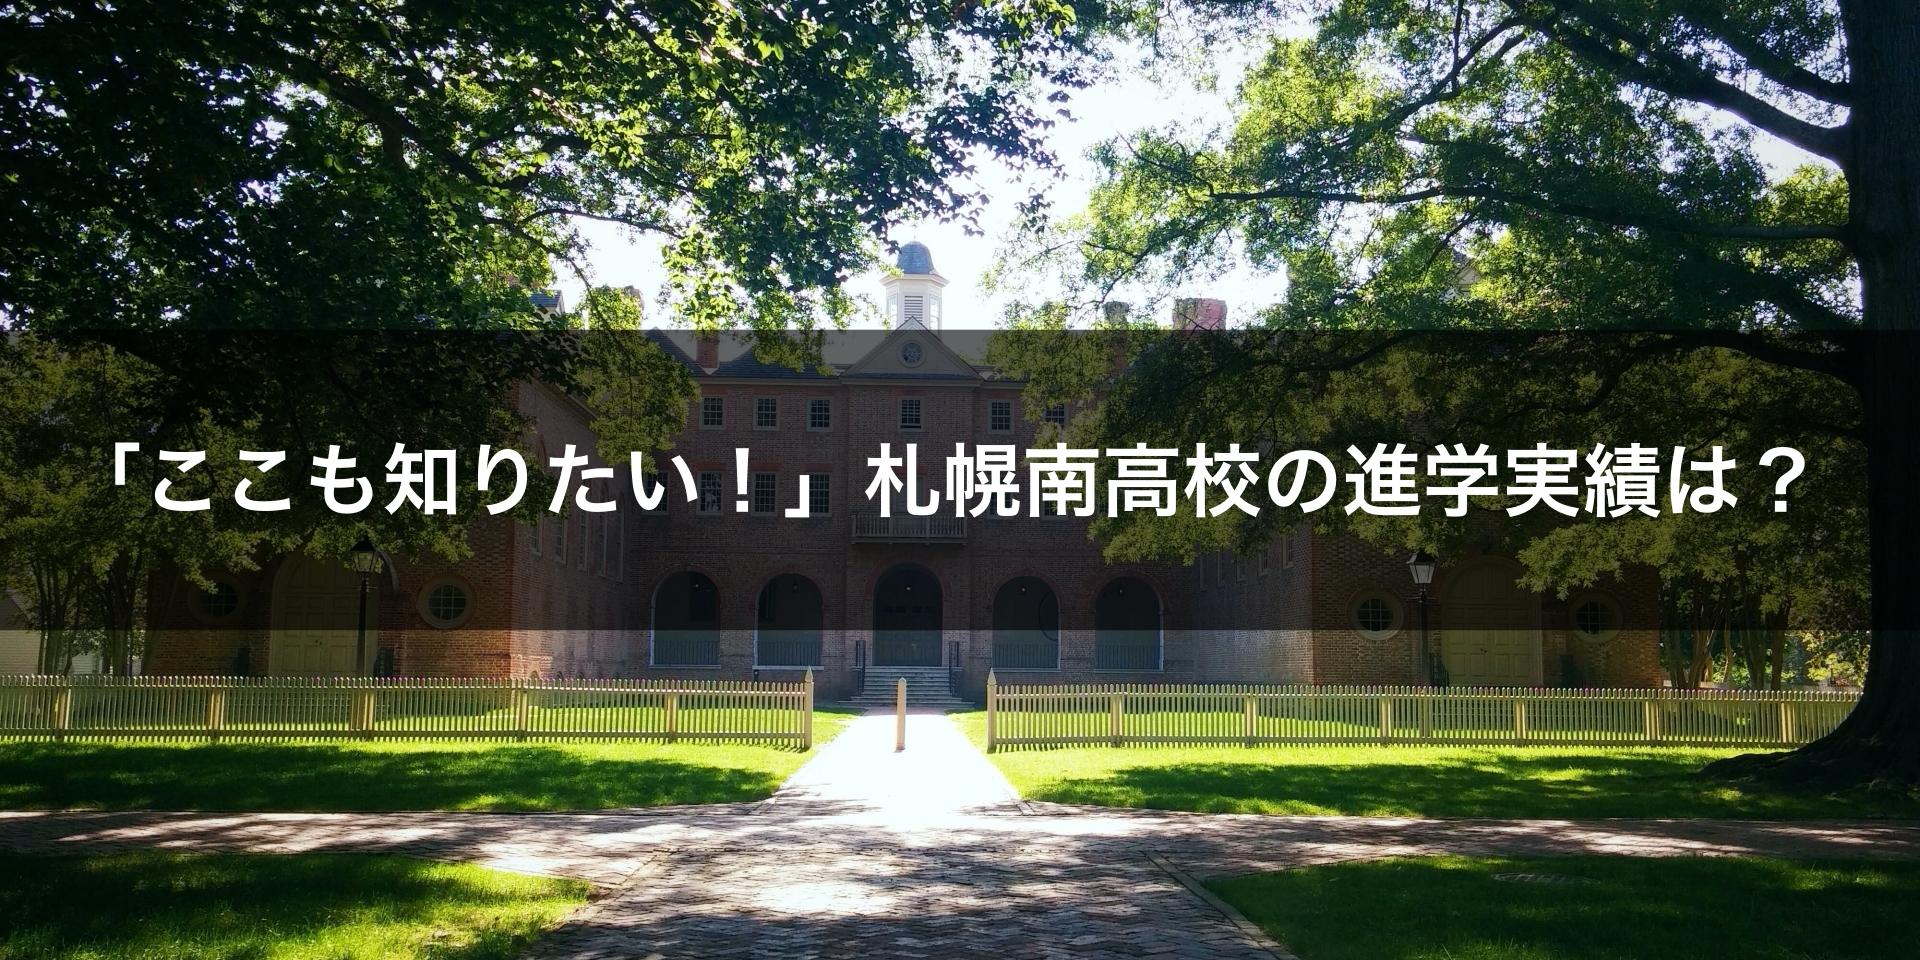 「ここも知りたい!」札幌南高校の進学実績は?